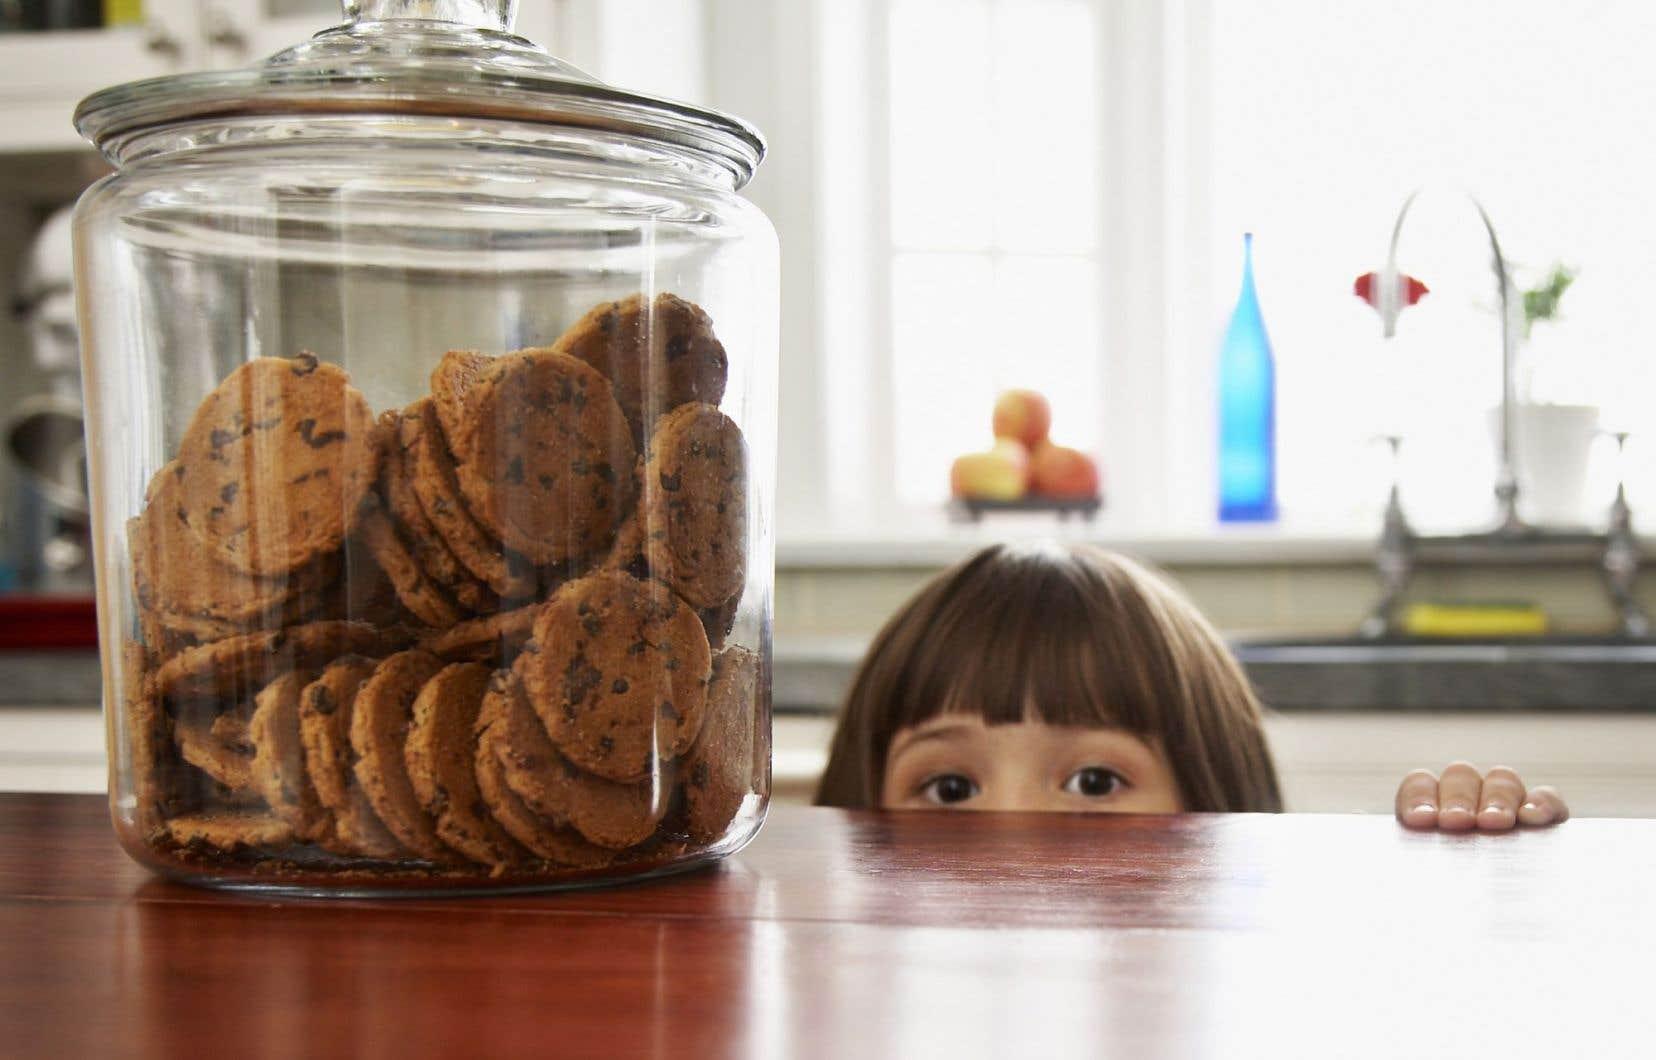 Les chercheurs ont remarqué que 37% des expositions accidentelles aux arachides s'étaient produites au domicile des enfants.<br />